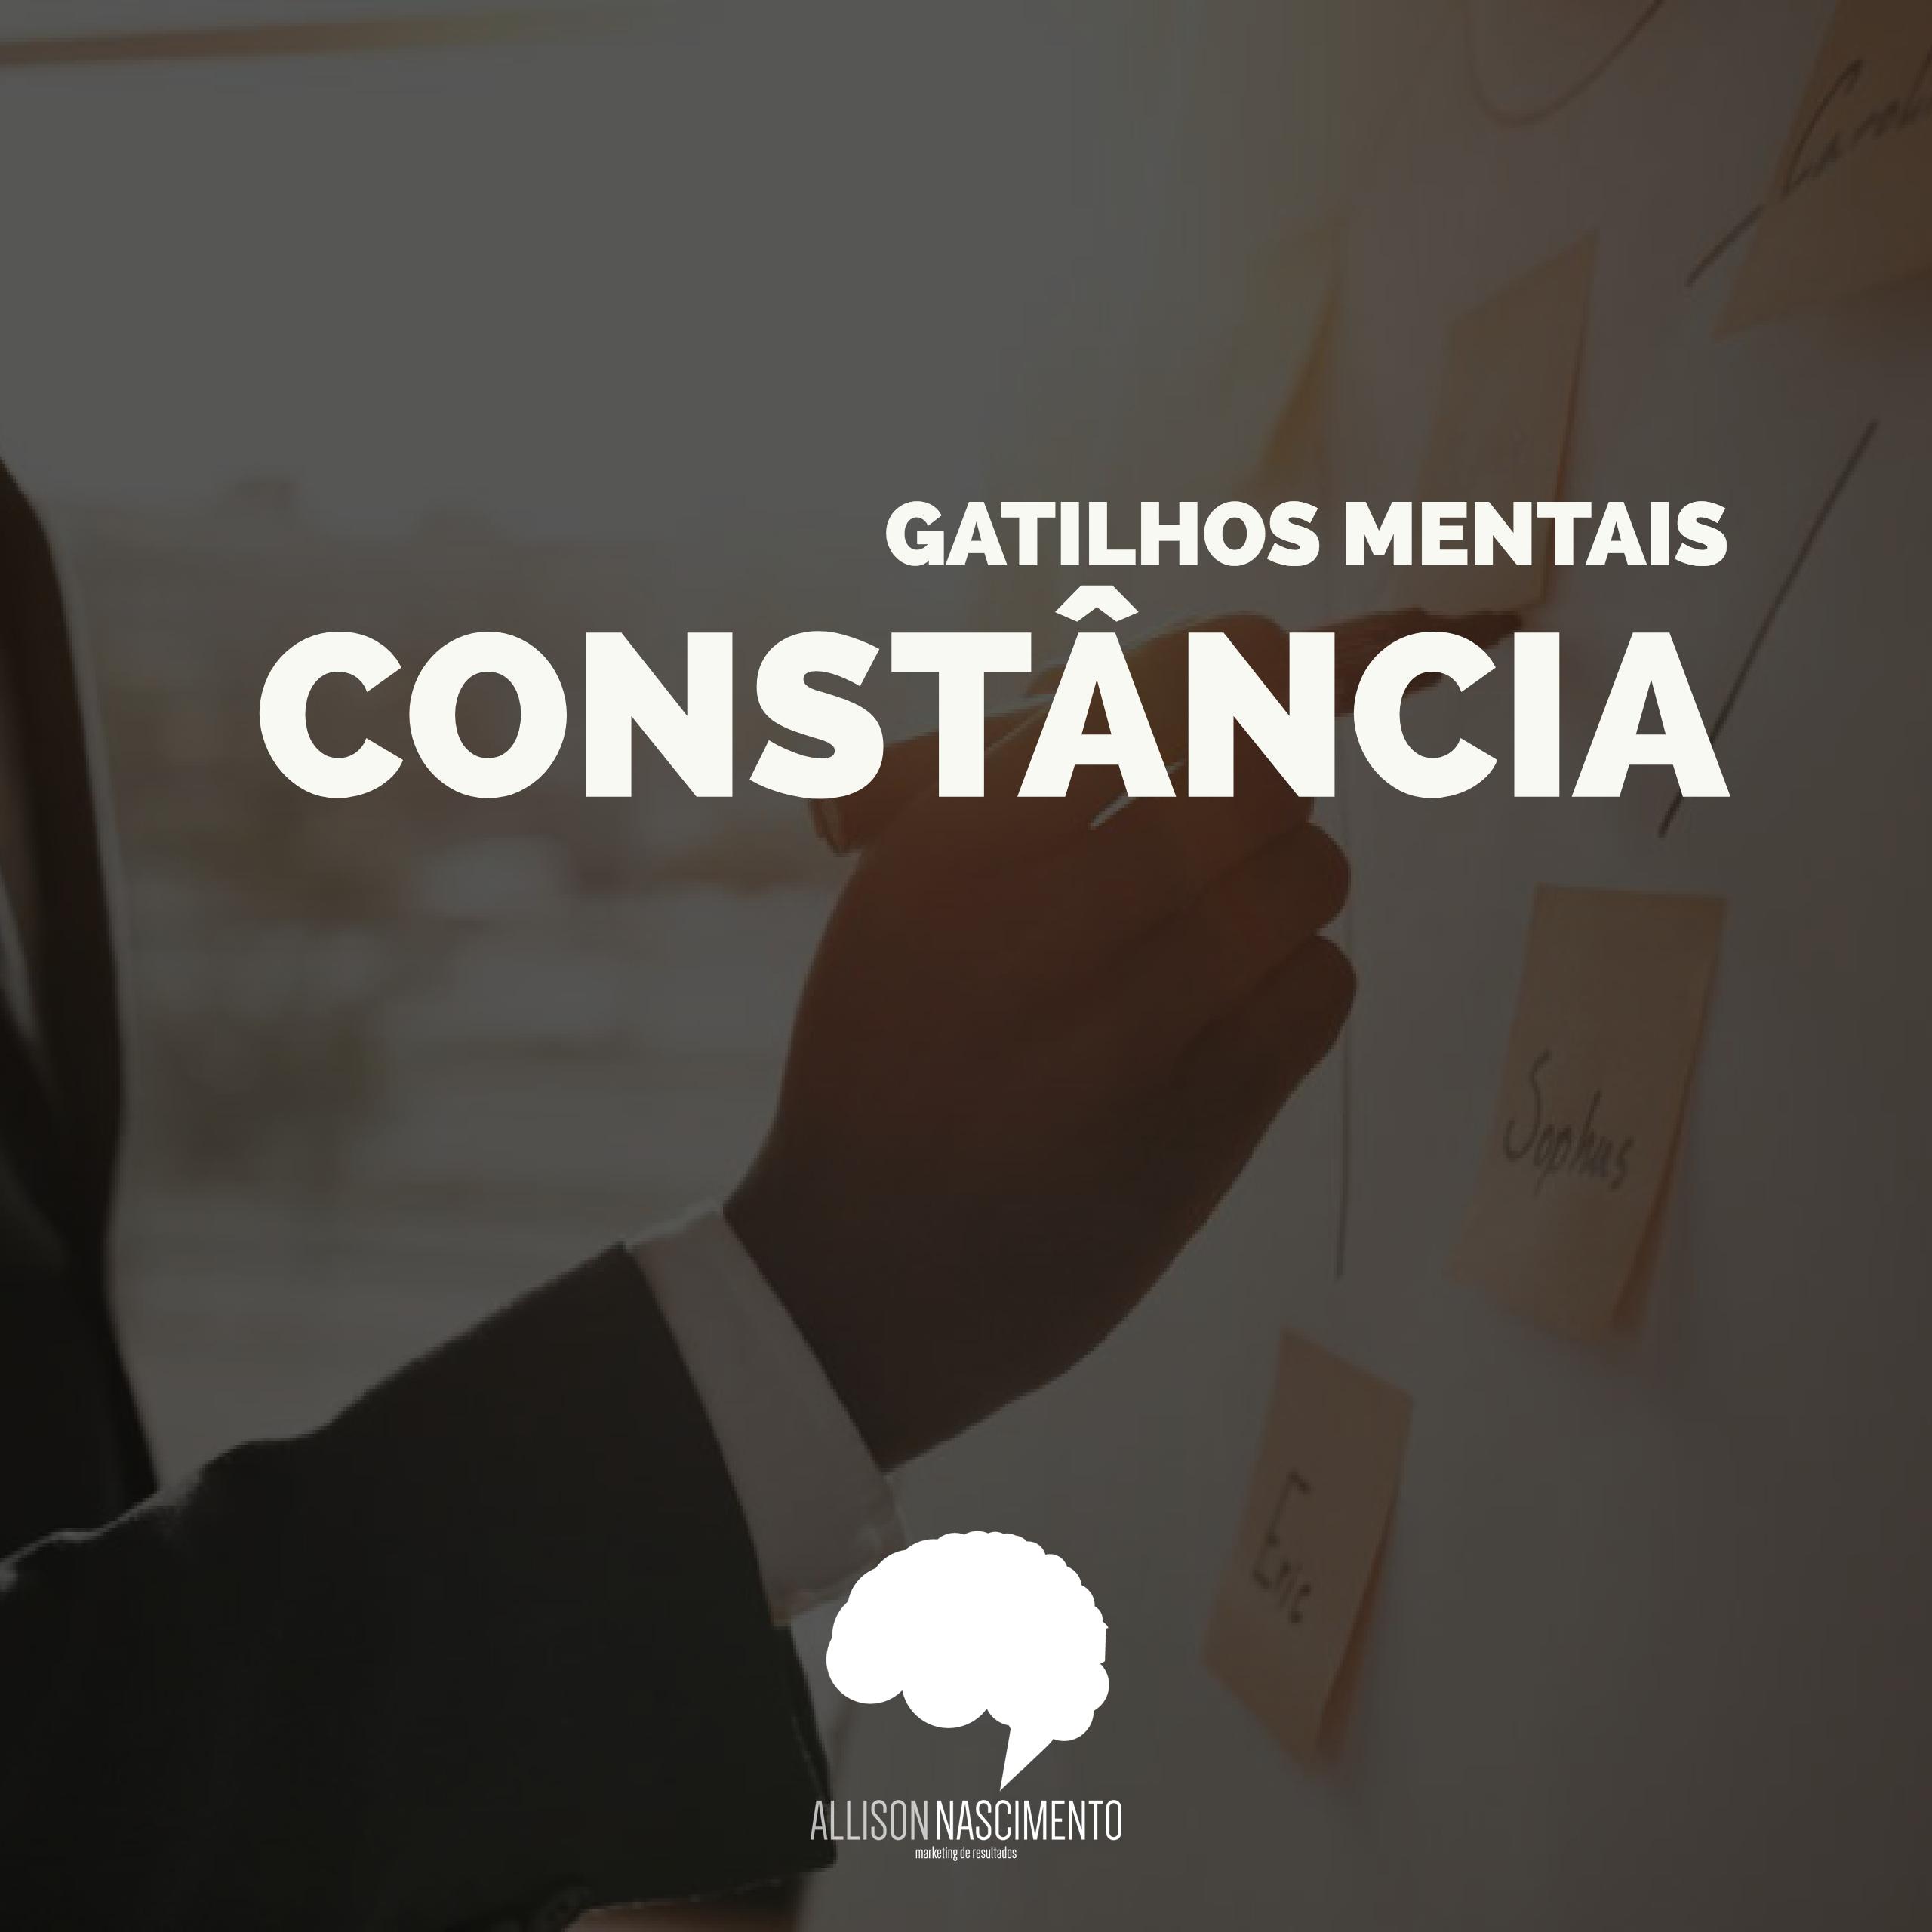 Tome decisões pelo gatilho da Constância ou compromisso e coerência